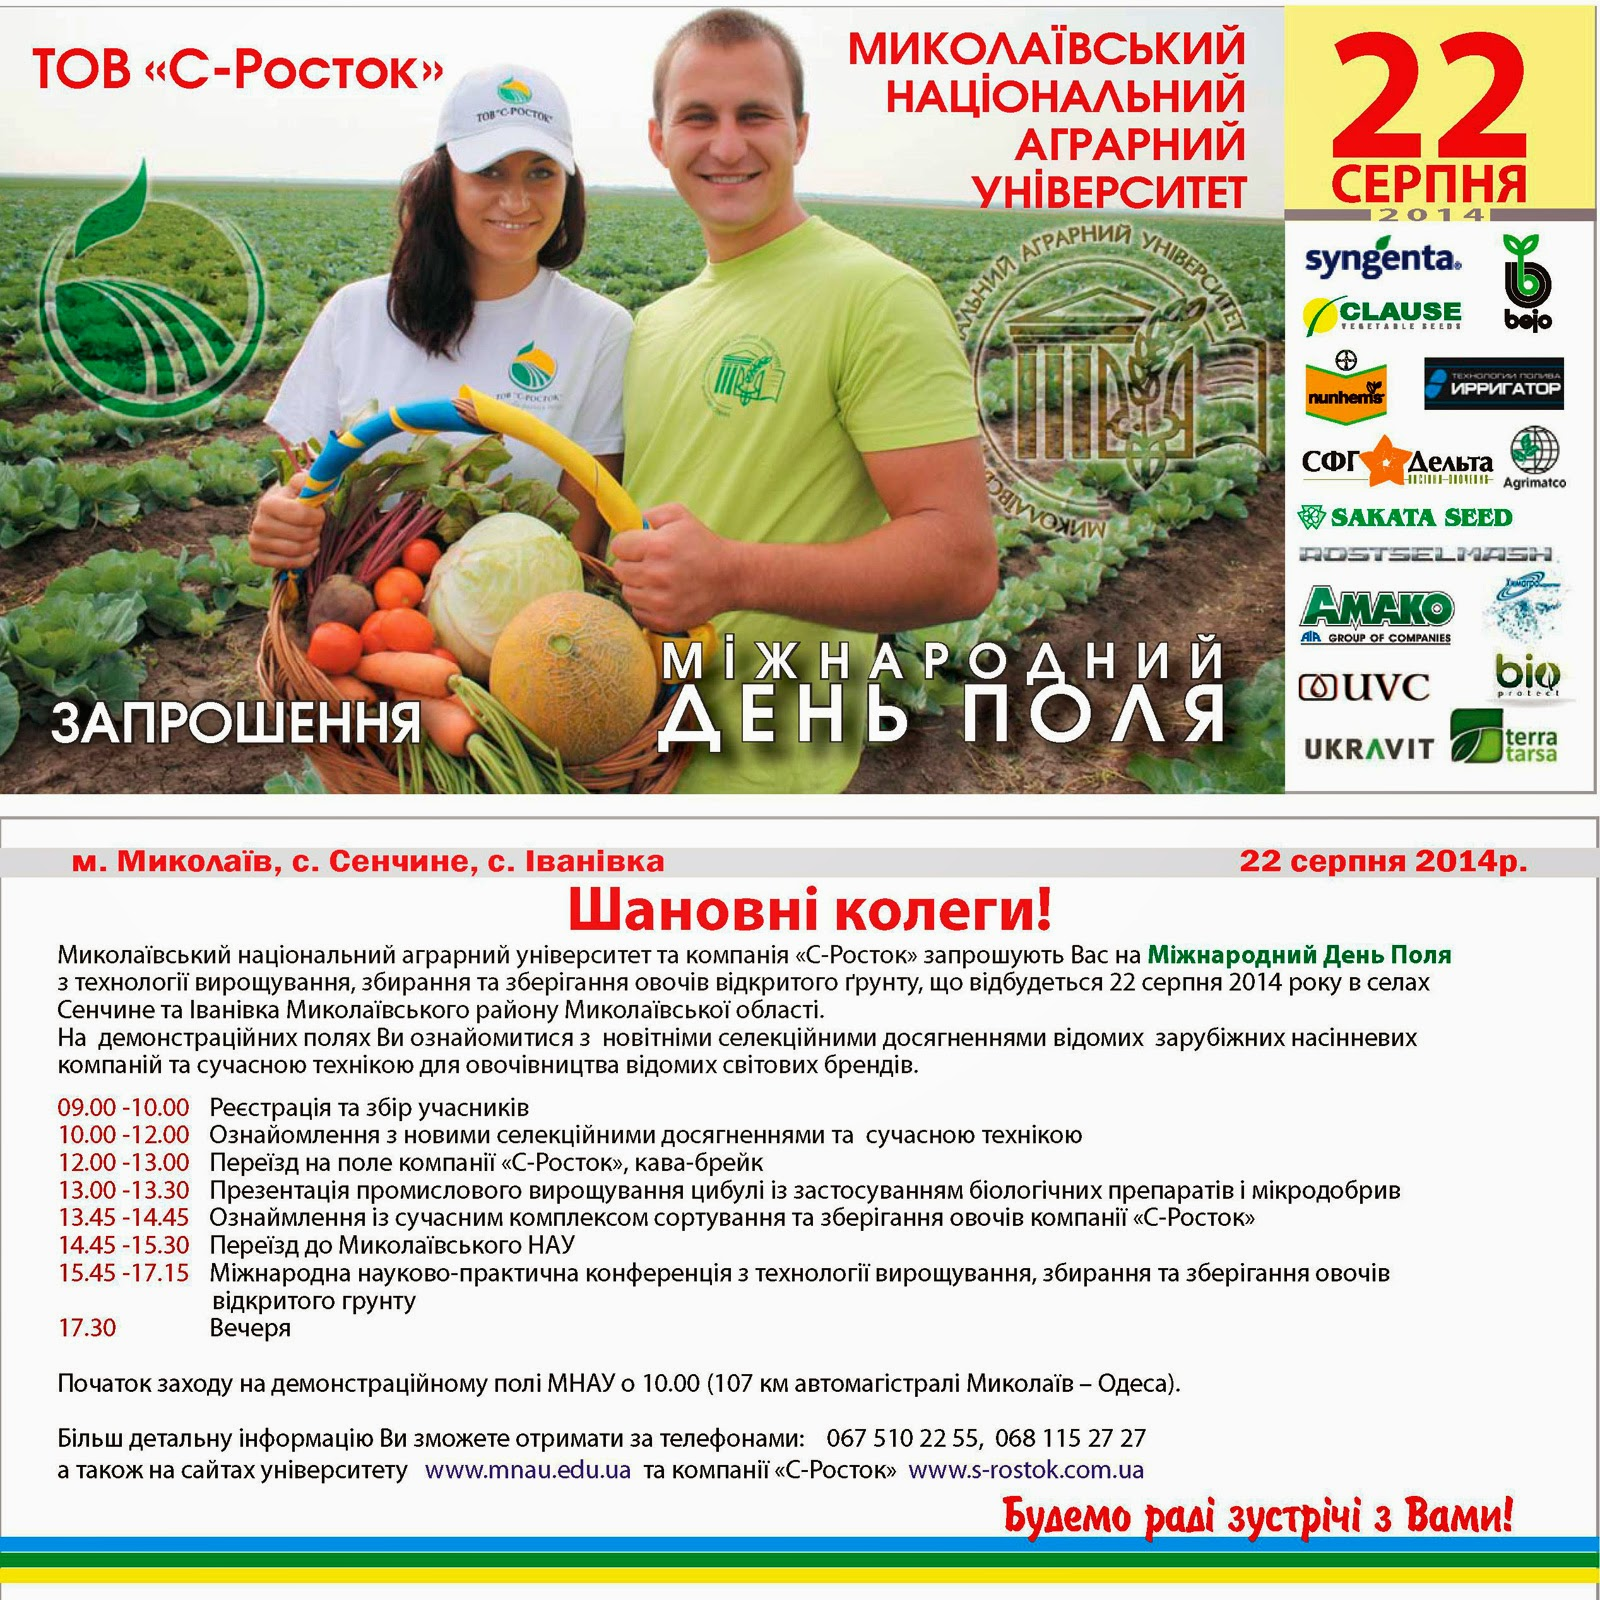 Запрошення на Міжнародний День Поля, 2014